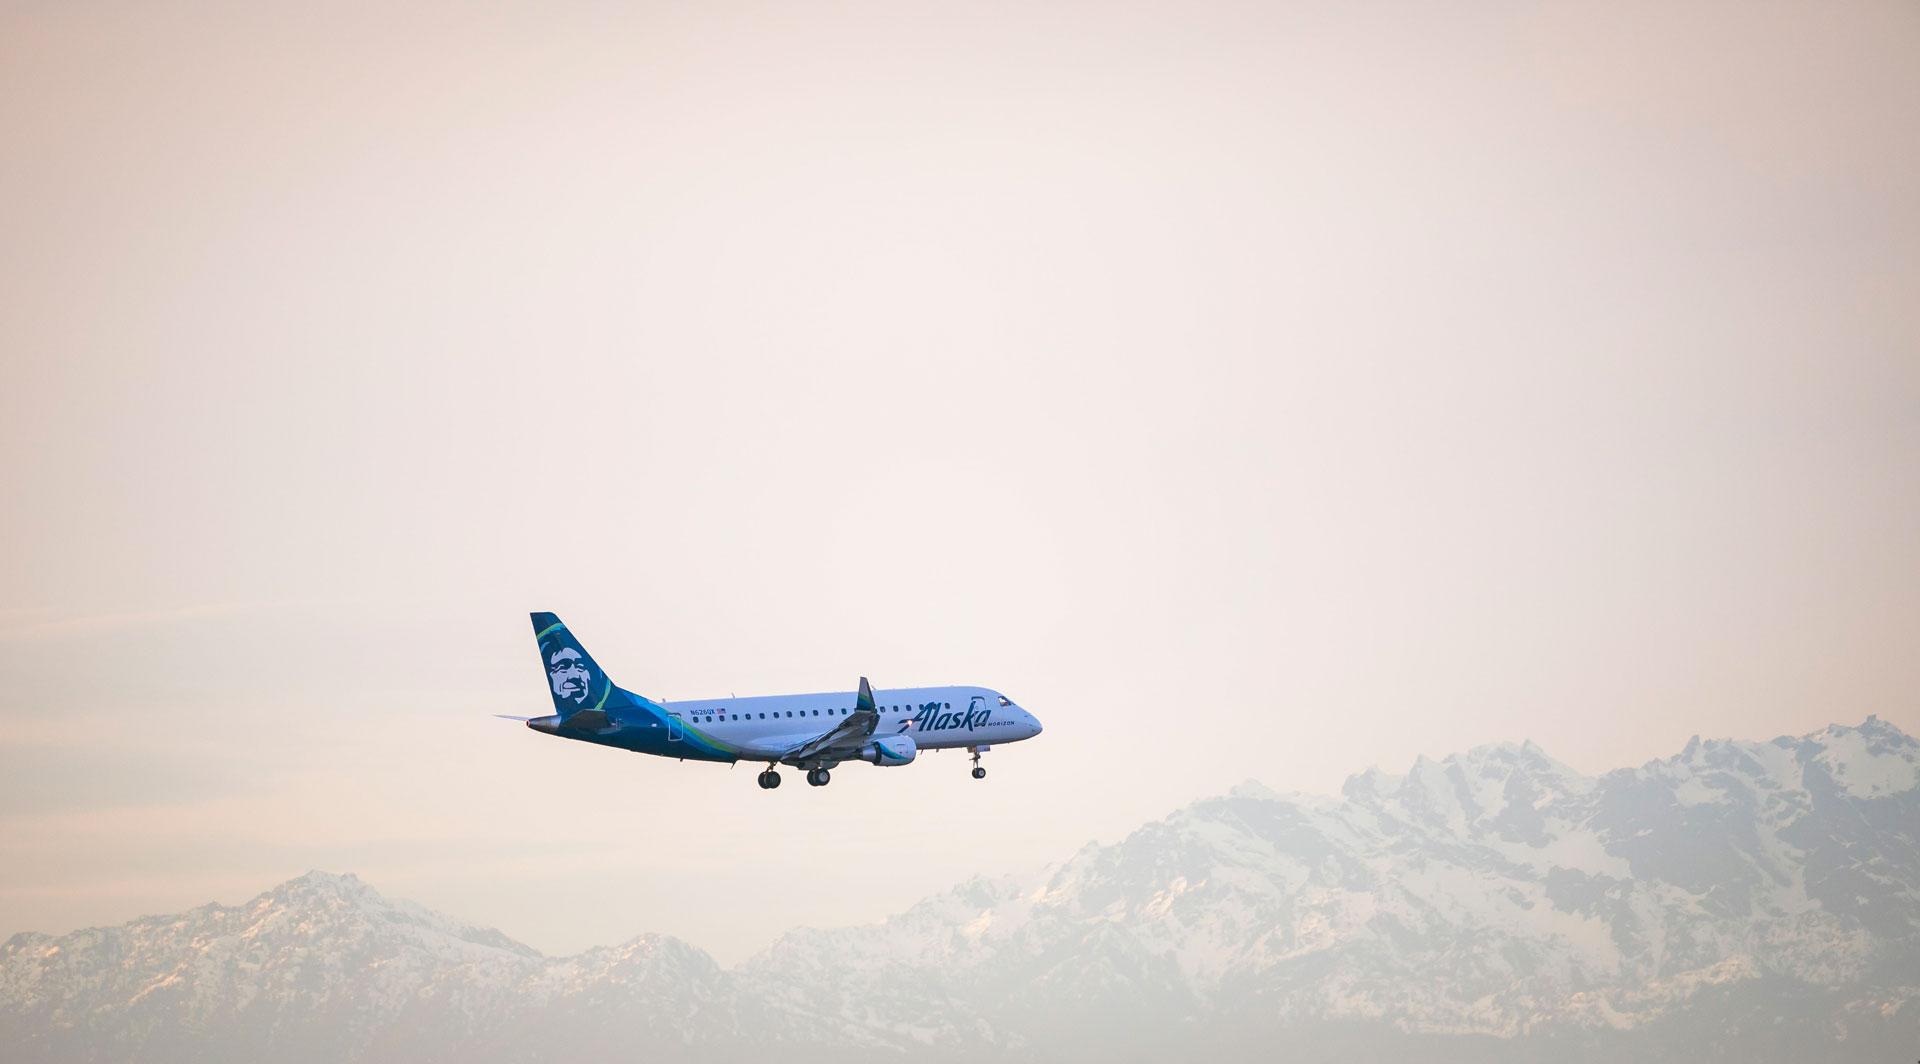 A Horizon Air plane